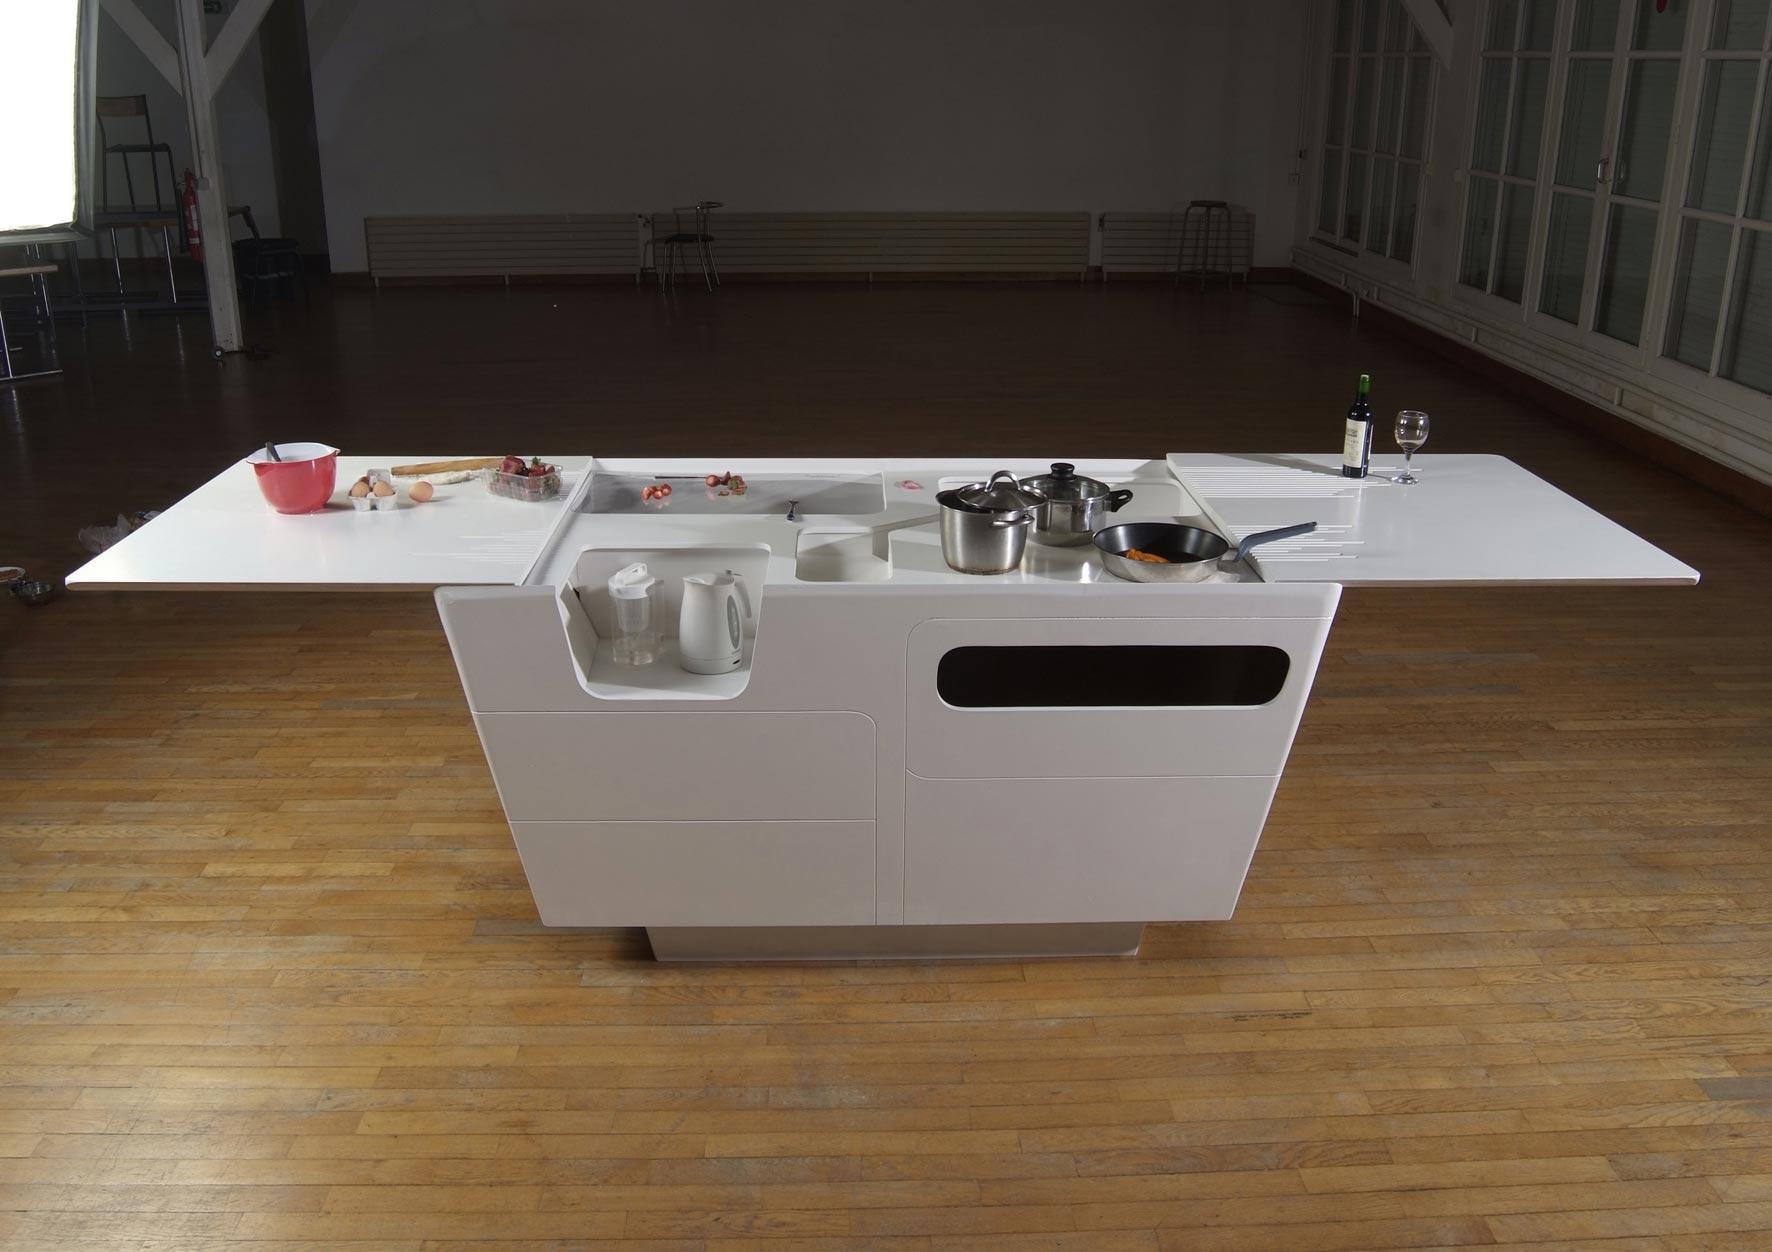 http://www.via.fr/telechargement/gp/cuisine09/cuisinepaysages02.jpg